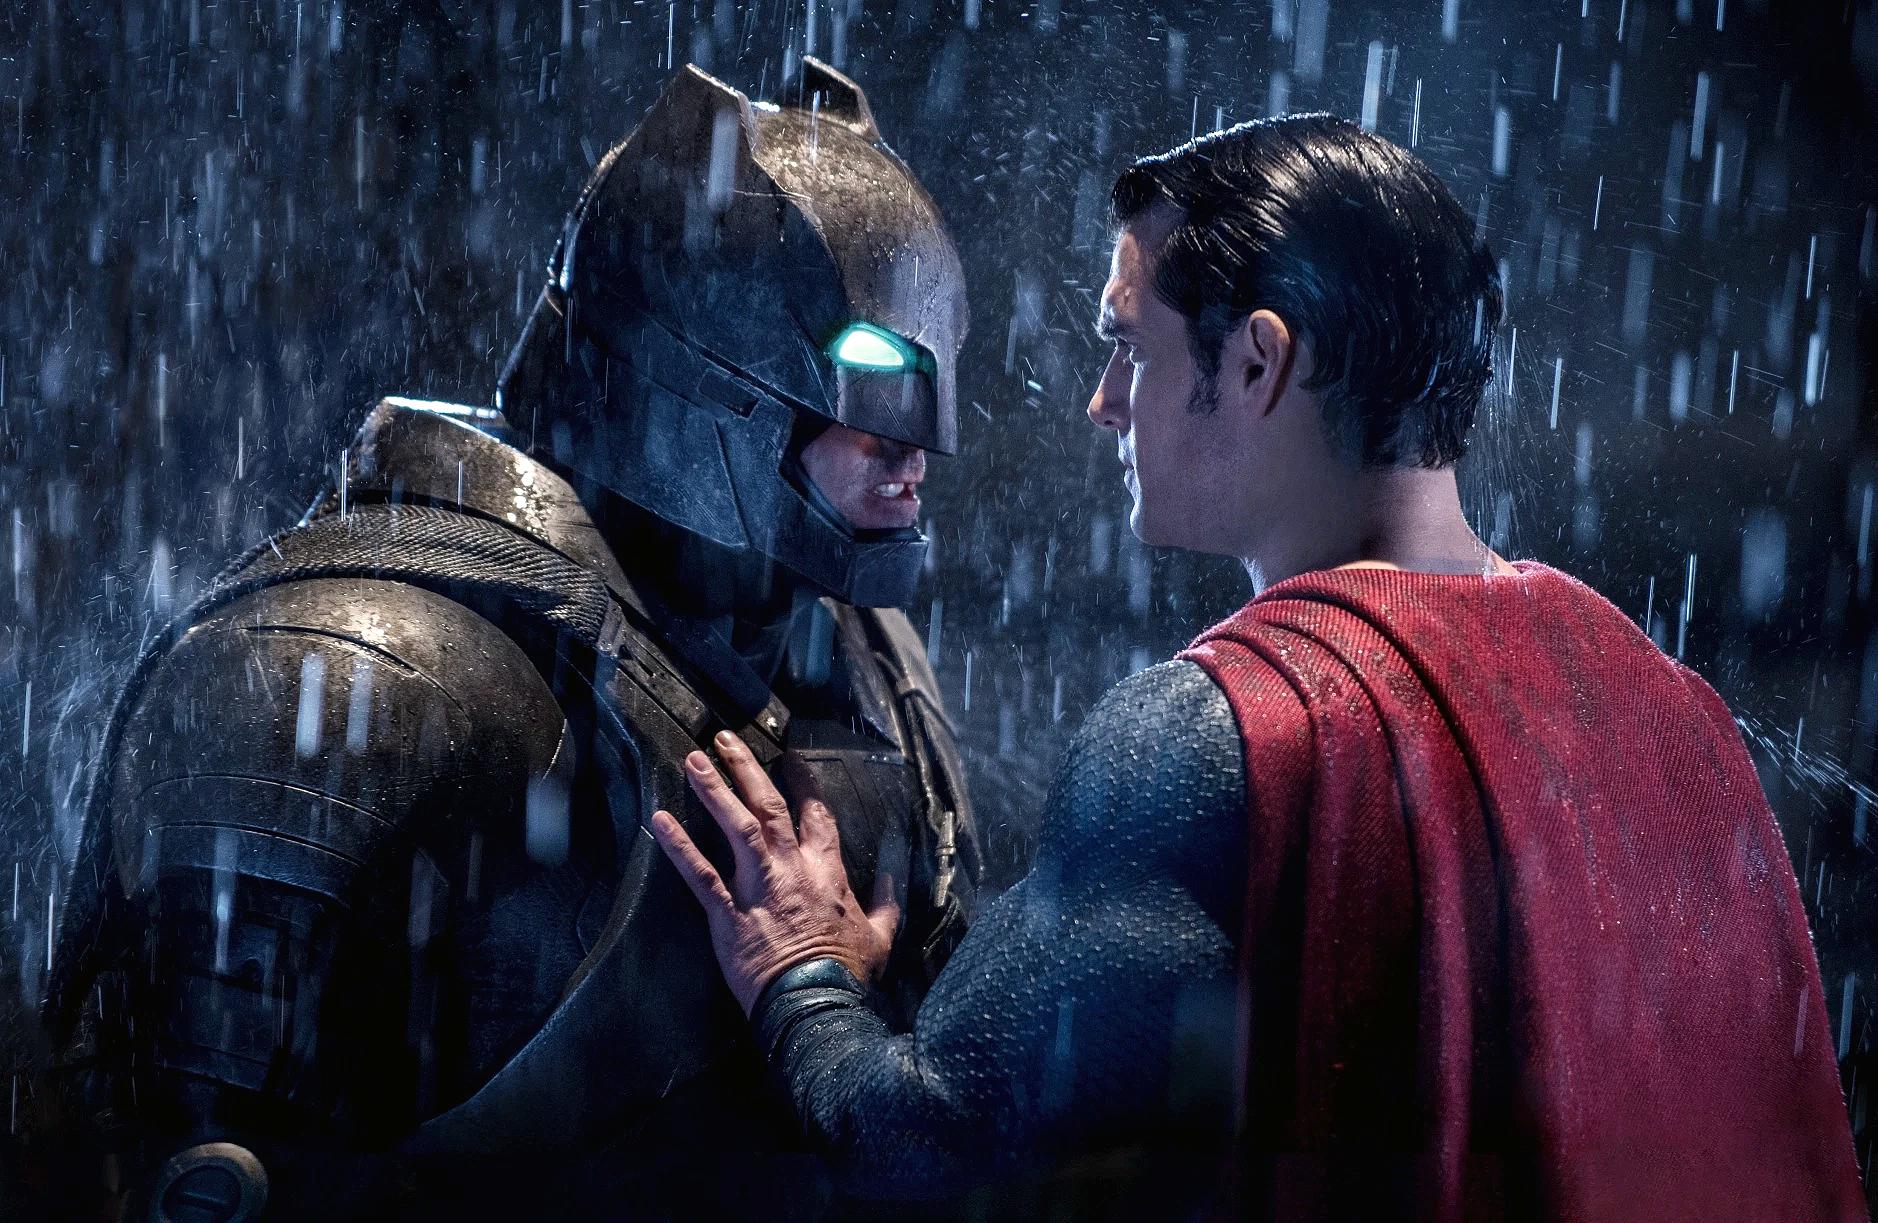 Před novou Justice League Snyder přinese vylepšenou verzi Batman v Superman | Fandíme filmu